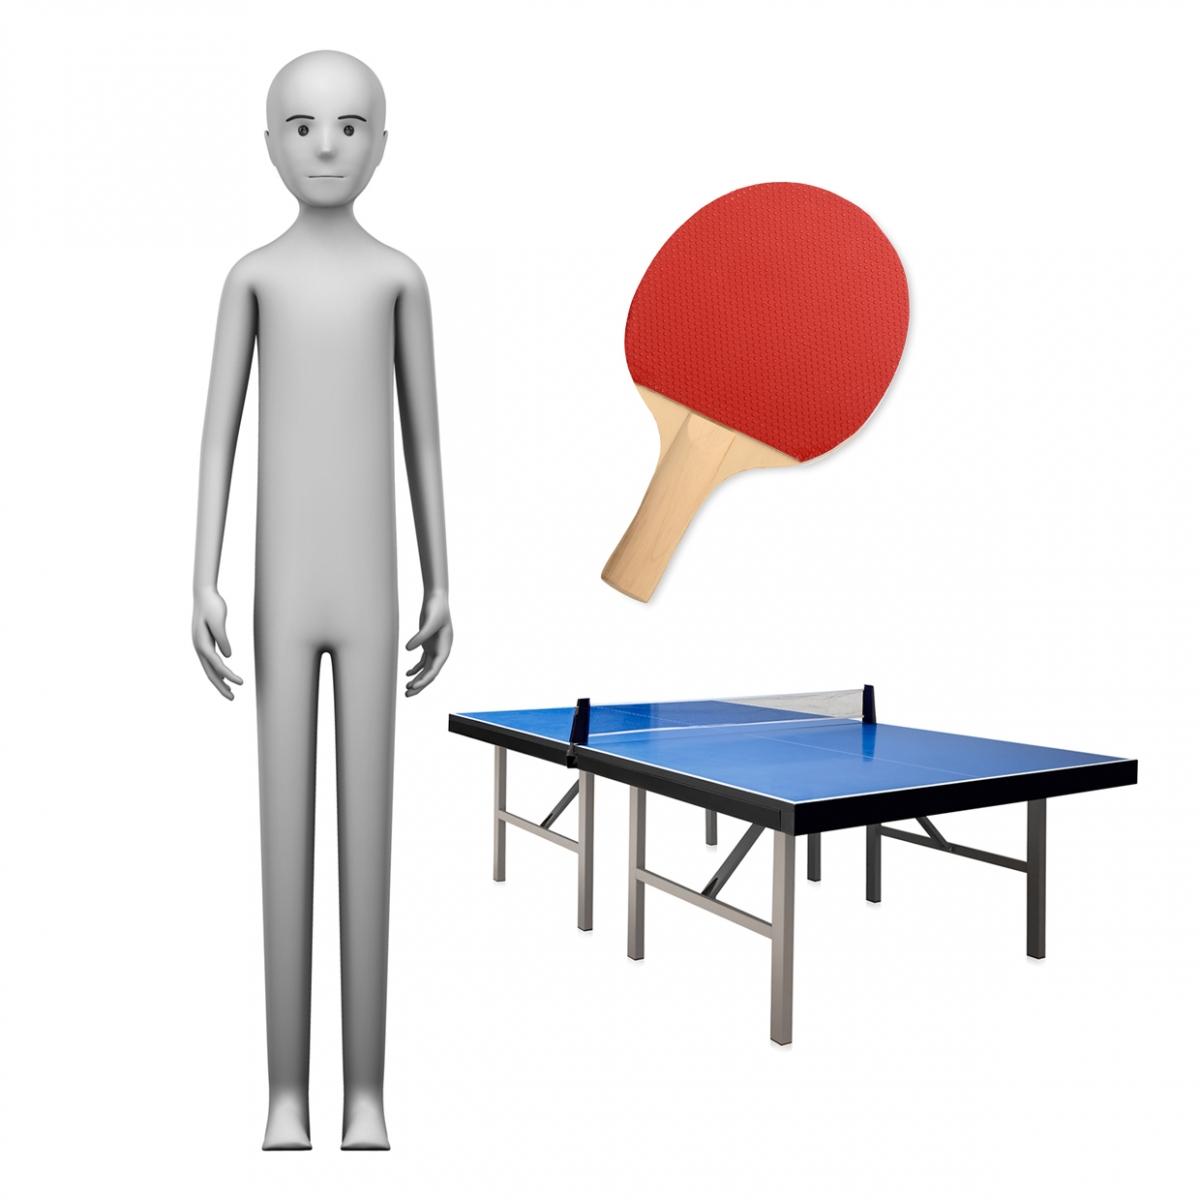 Imagen en la que se ve el concepto jugador de ping pong